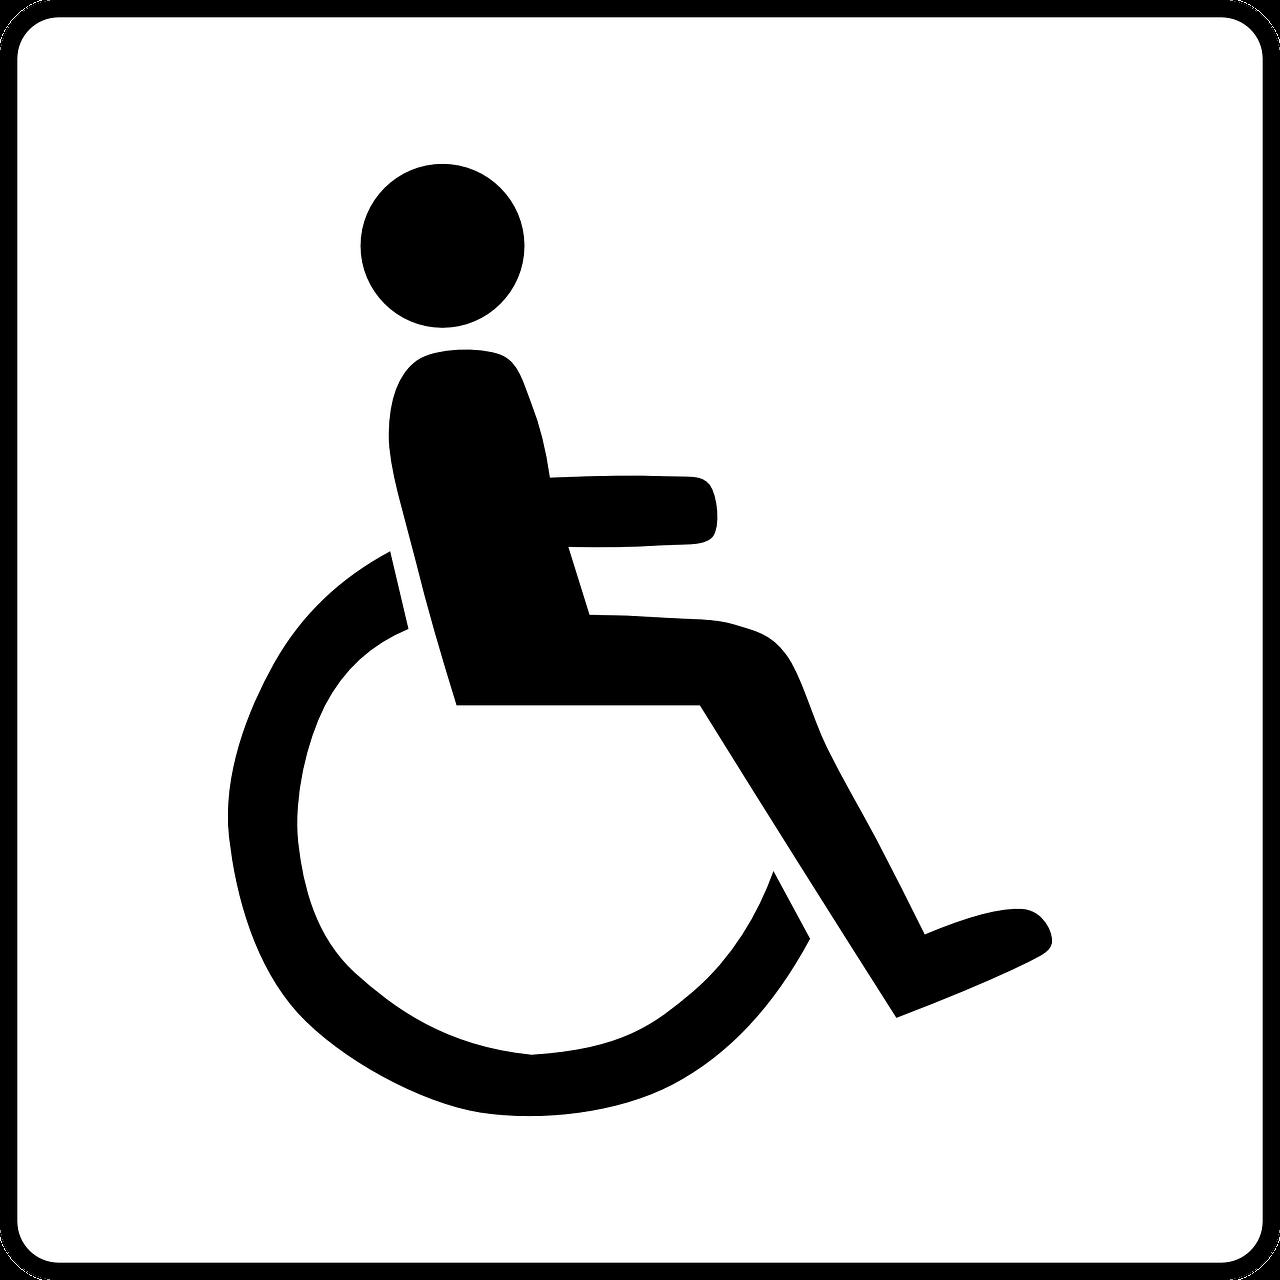 Kogge, Activiteitencentrum Gemiva - SVG Groep beoordeling instelling gehandicaptenzorg verstandelijk gehandicapten